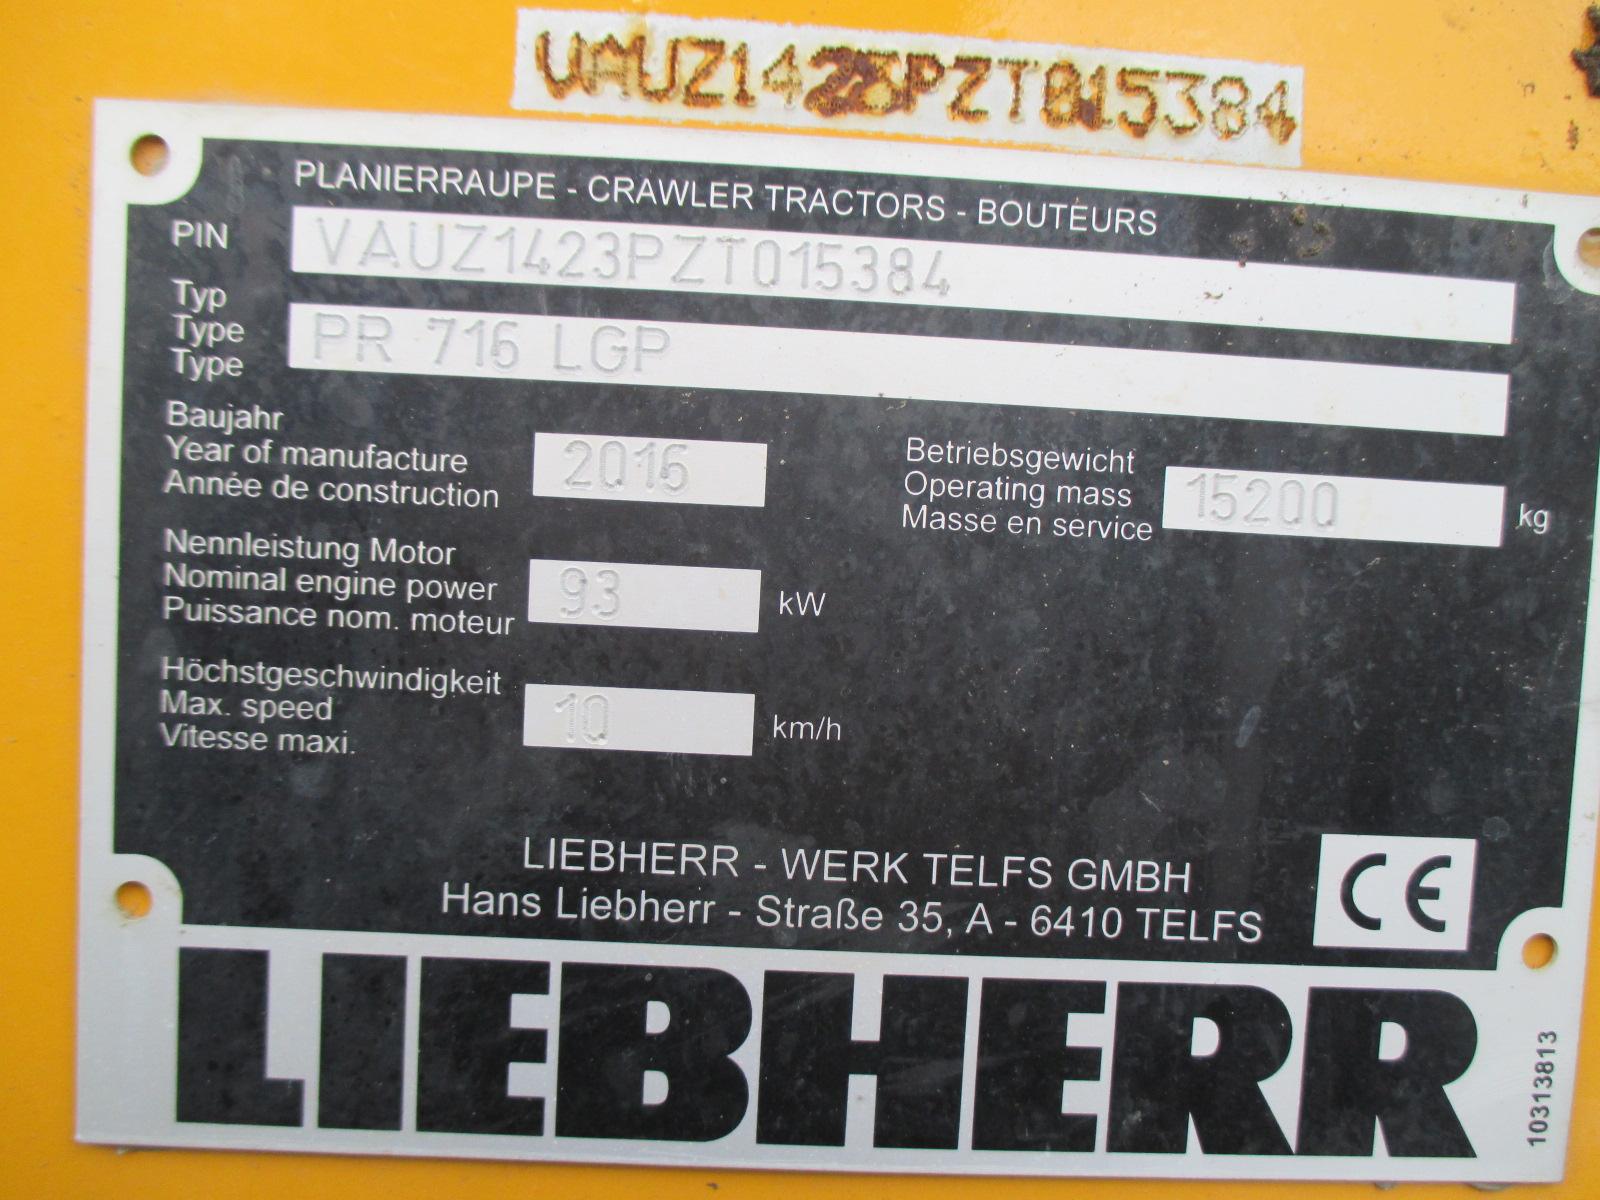 PR716 LGP LI -1423-15384_007.JPG